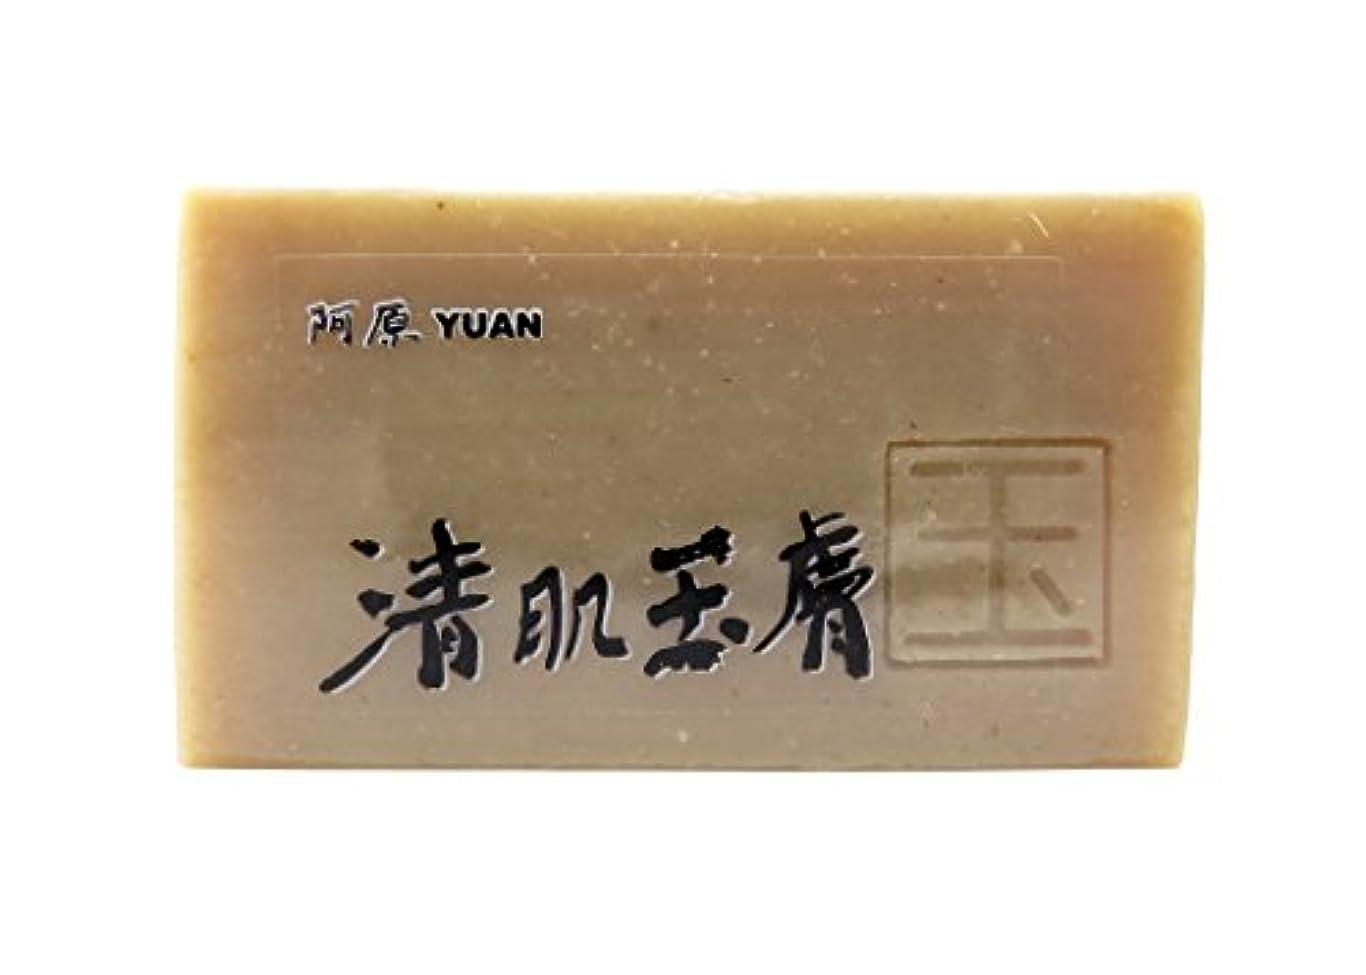 お金ゴムチェス市区町村ユアン(YUAN) 清玉(せいぎょく)ソープ 固形 100g (阿原 ユアンソープ)